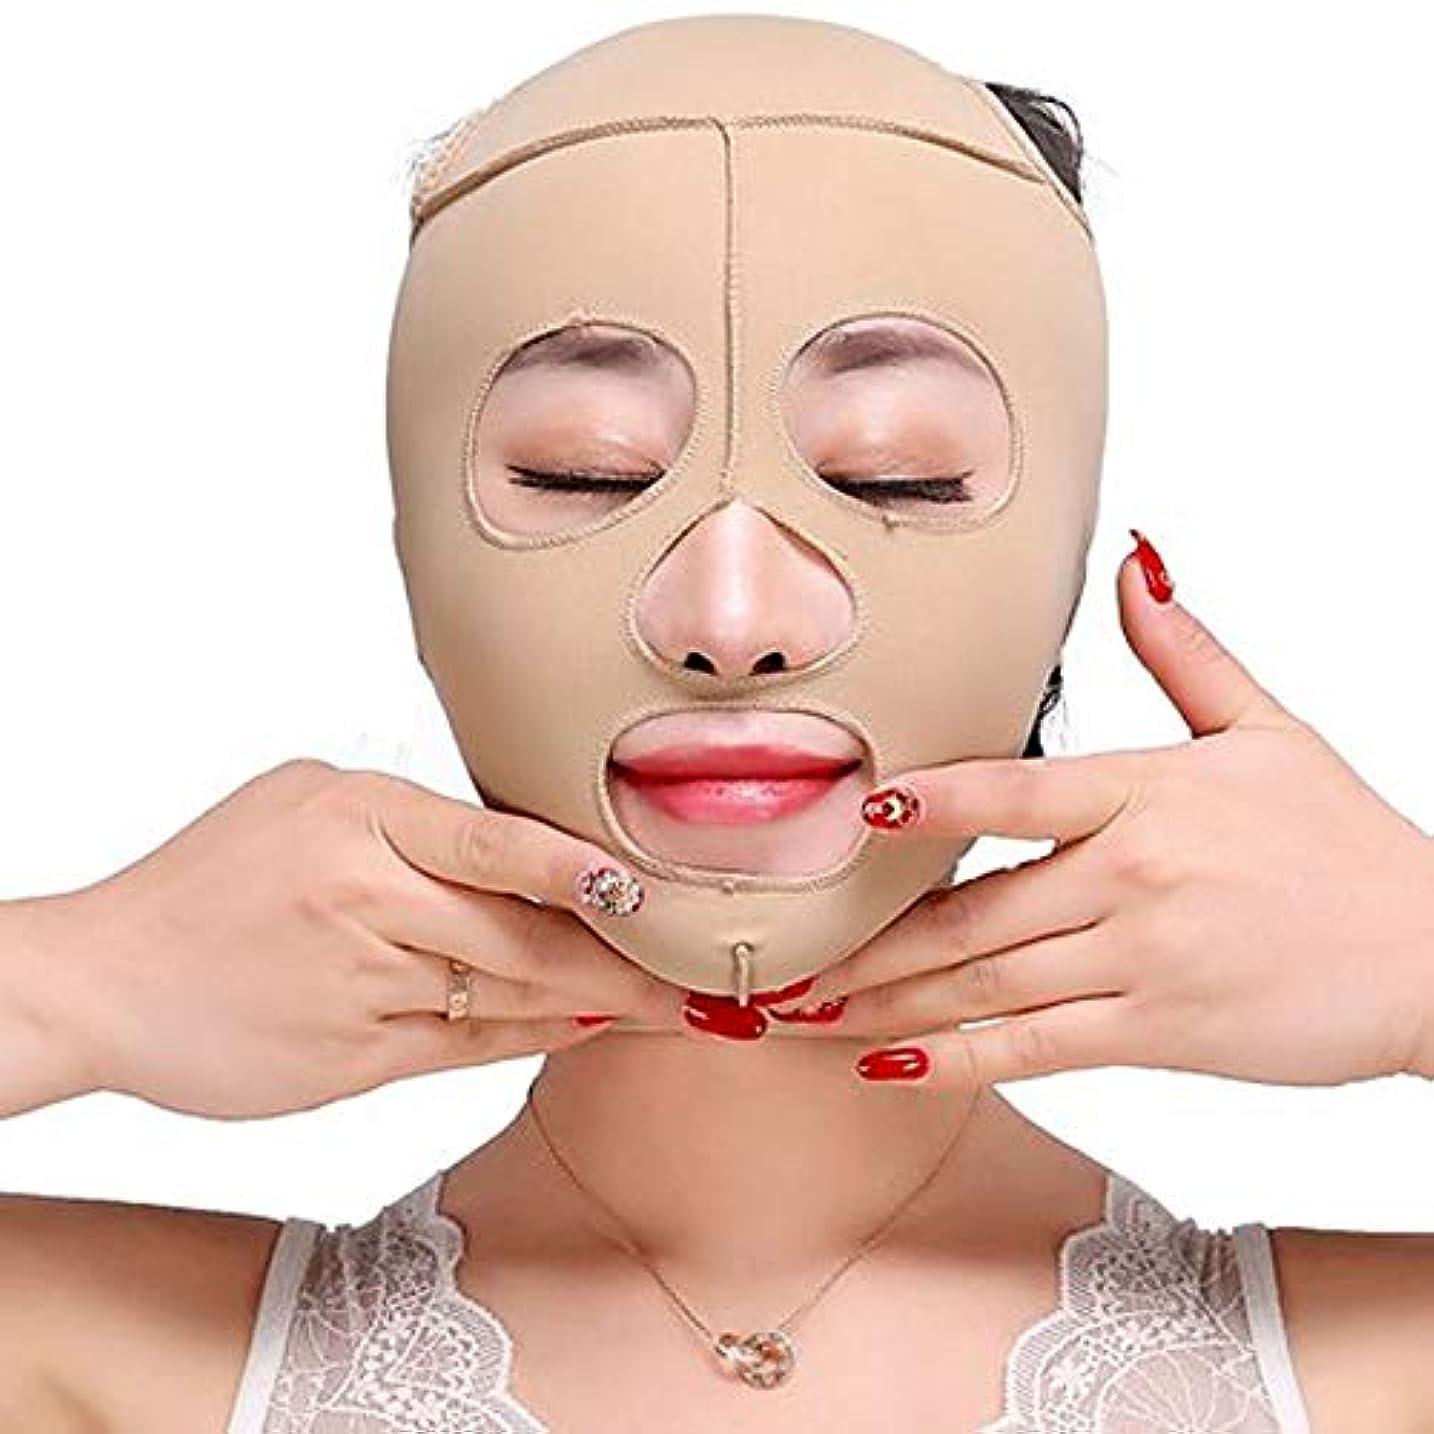 衣装一晩プログラムGLJJQMY フェイシャルリフティングフェイシャルVマスクダブルあご薄い顔包帯抗シワリフティングチークライン 顔用整形マスク (Size : M)